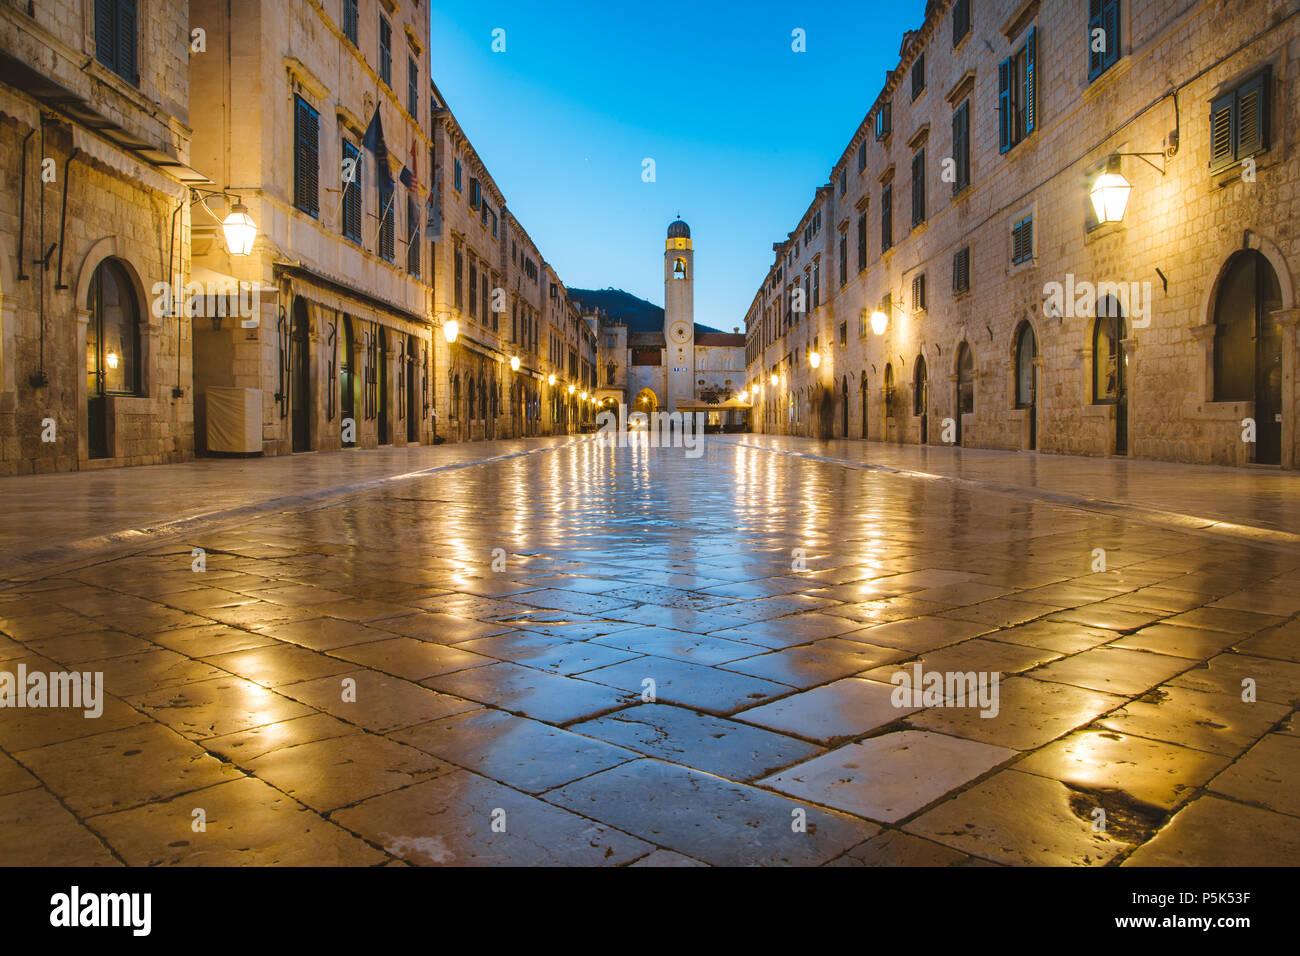 Classic vista panorámica del famoso Stradun, la calle principal del casco antiguo de Dubrovnik, en el hermoso crepúsculo matutino antes del amanecer al amanecer en verano Foto de stock